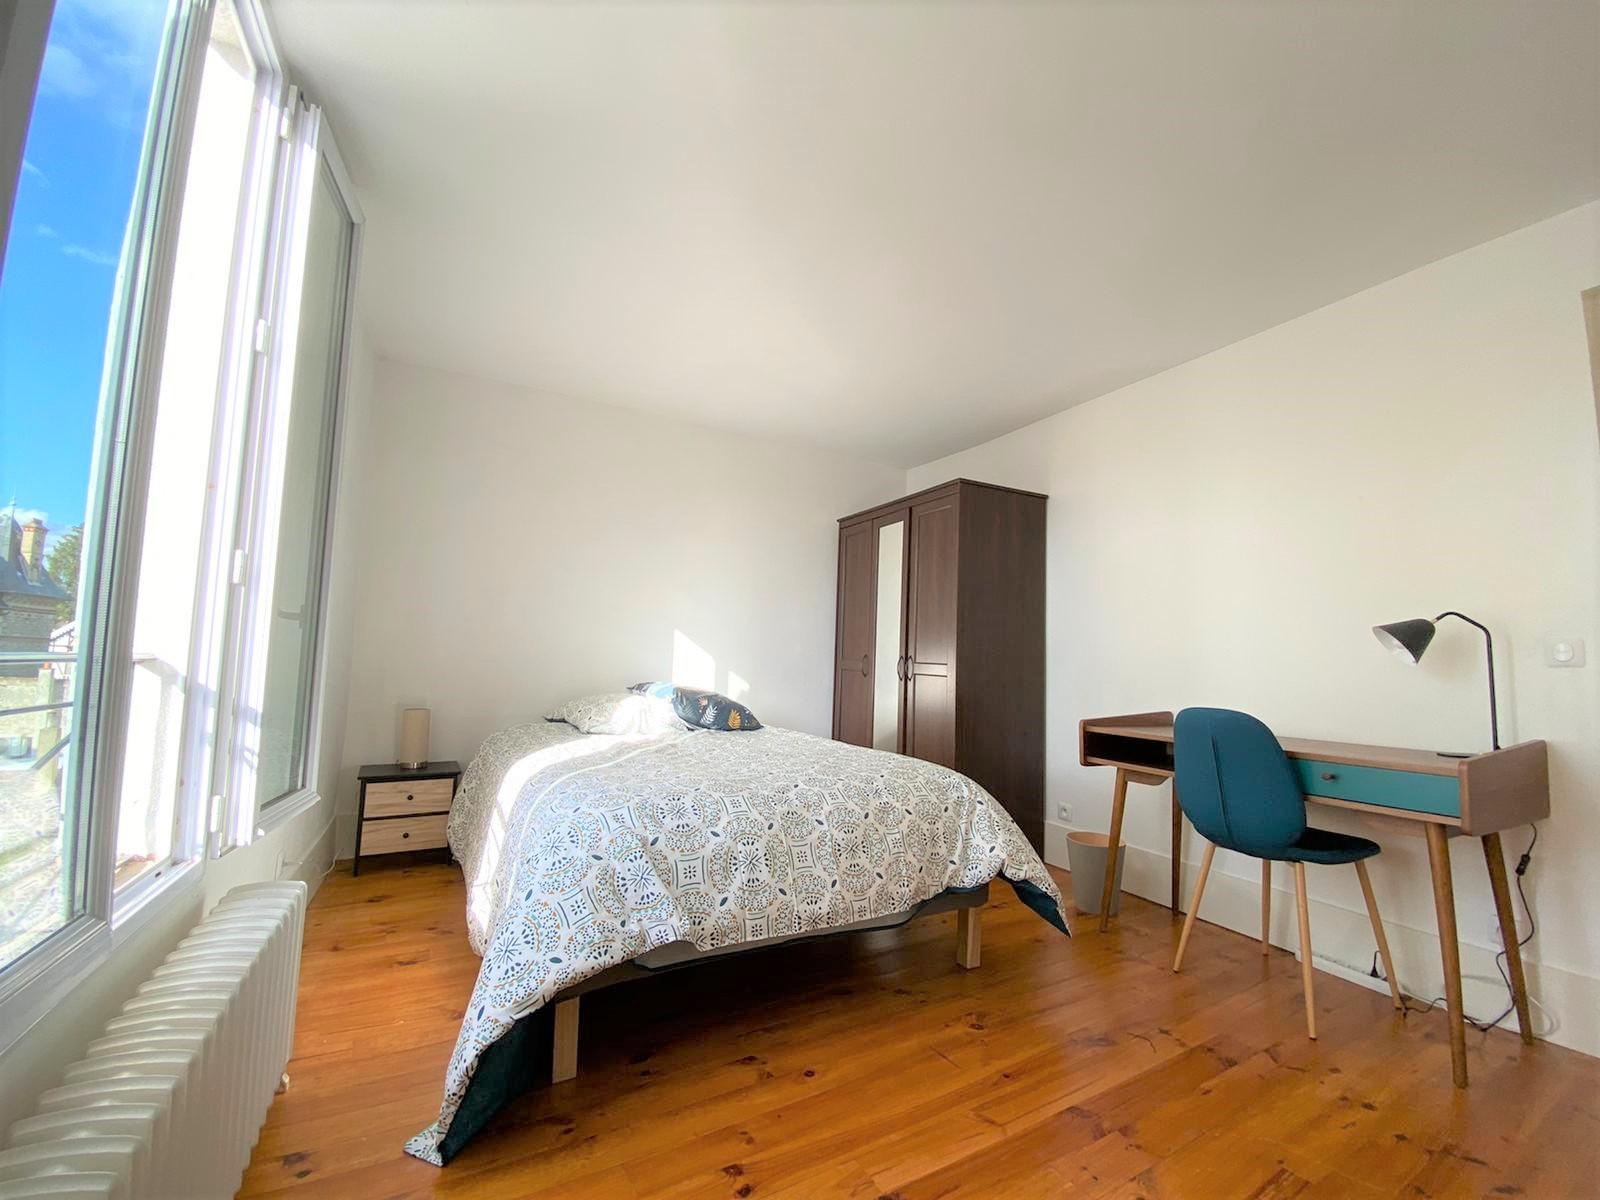 Bedroom 1 Insead